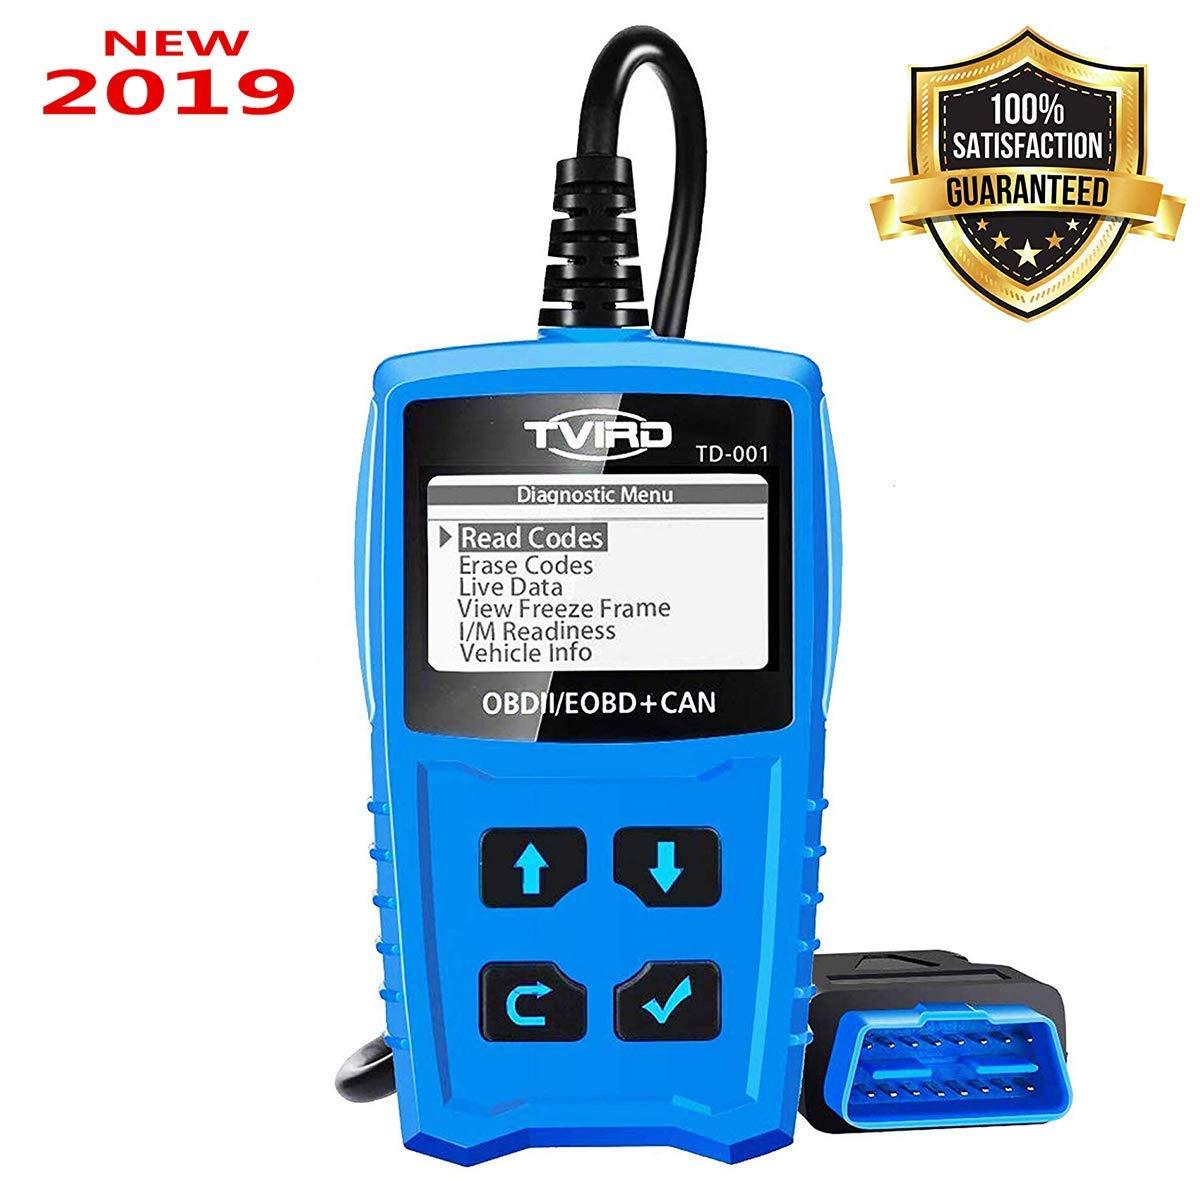 Tvird OBD2 Auto Diagnóstico,OBD II Escáner Motor Detector de Fallas Eliminar Códigos Error,Adecuado para Coche con Modo OBD2 / EOBD/Can e Interfaz ...